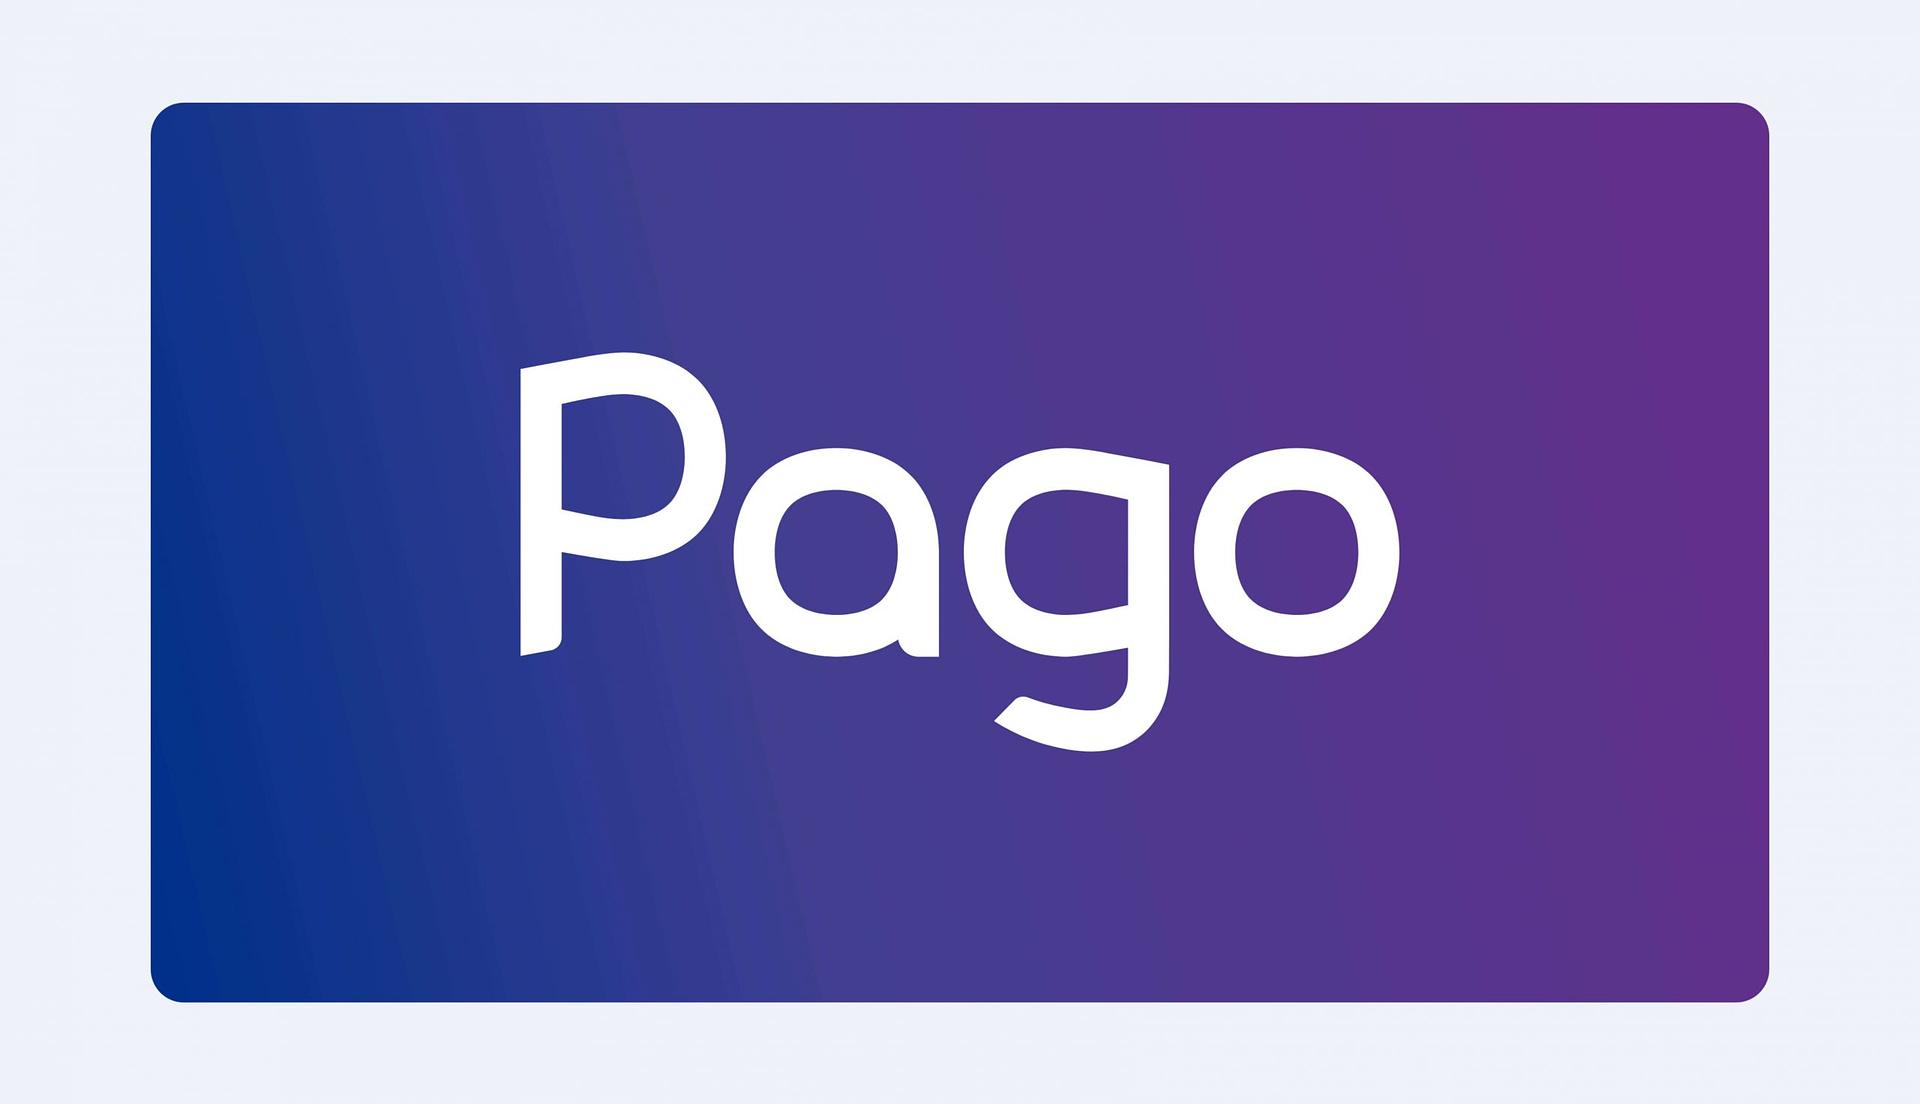 O nouă identitate vizuală care reprezintă evoluția Pago